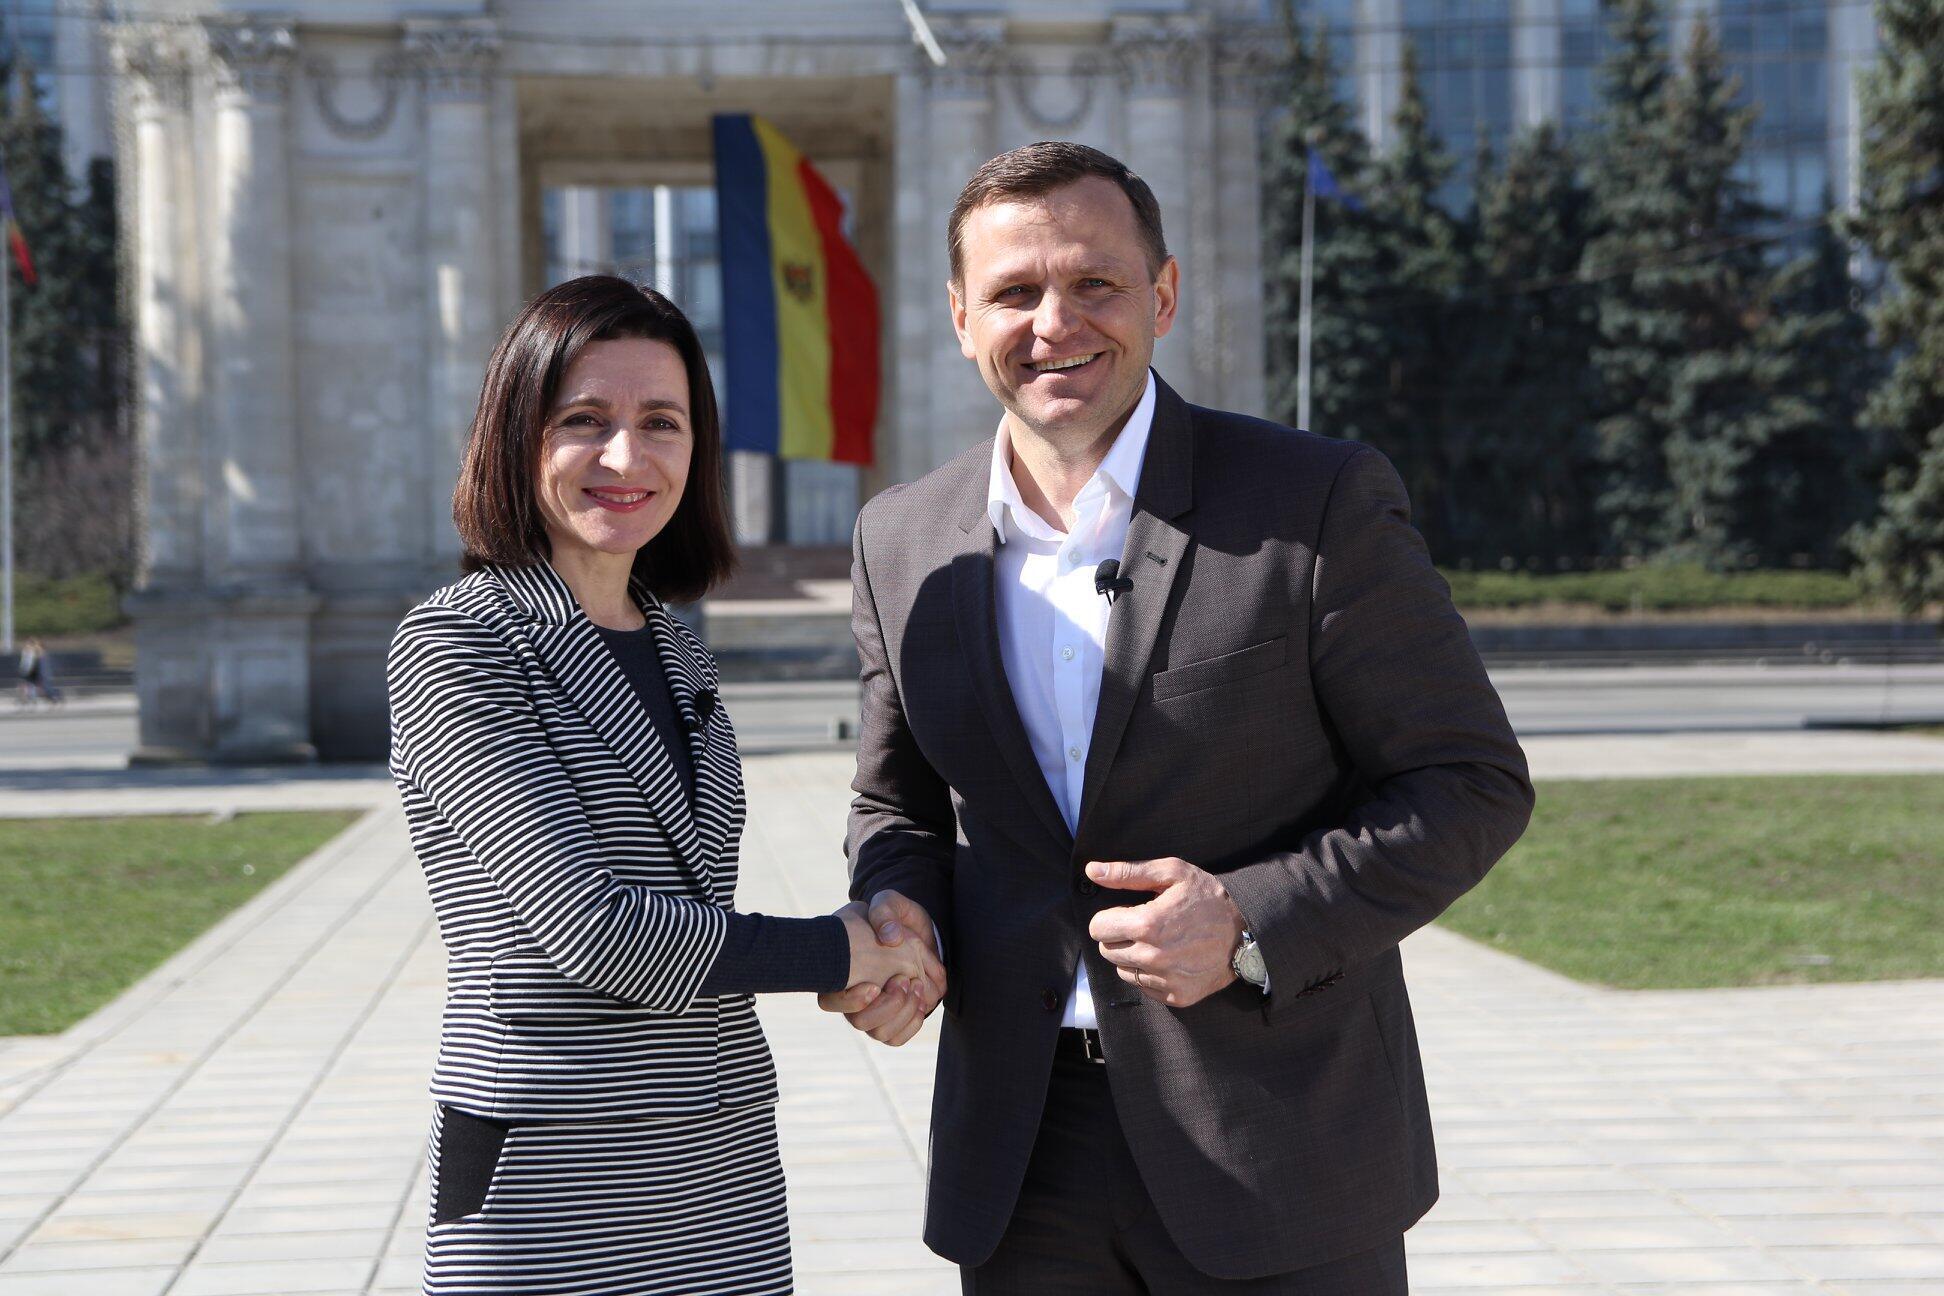 Кандидатуру Нэстасе на выборах мэра Кишинева поддержала второй попопулярности политик Молдовы, председатель партии «Действие исолидарность» Майя Санду